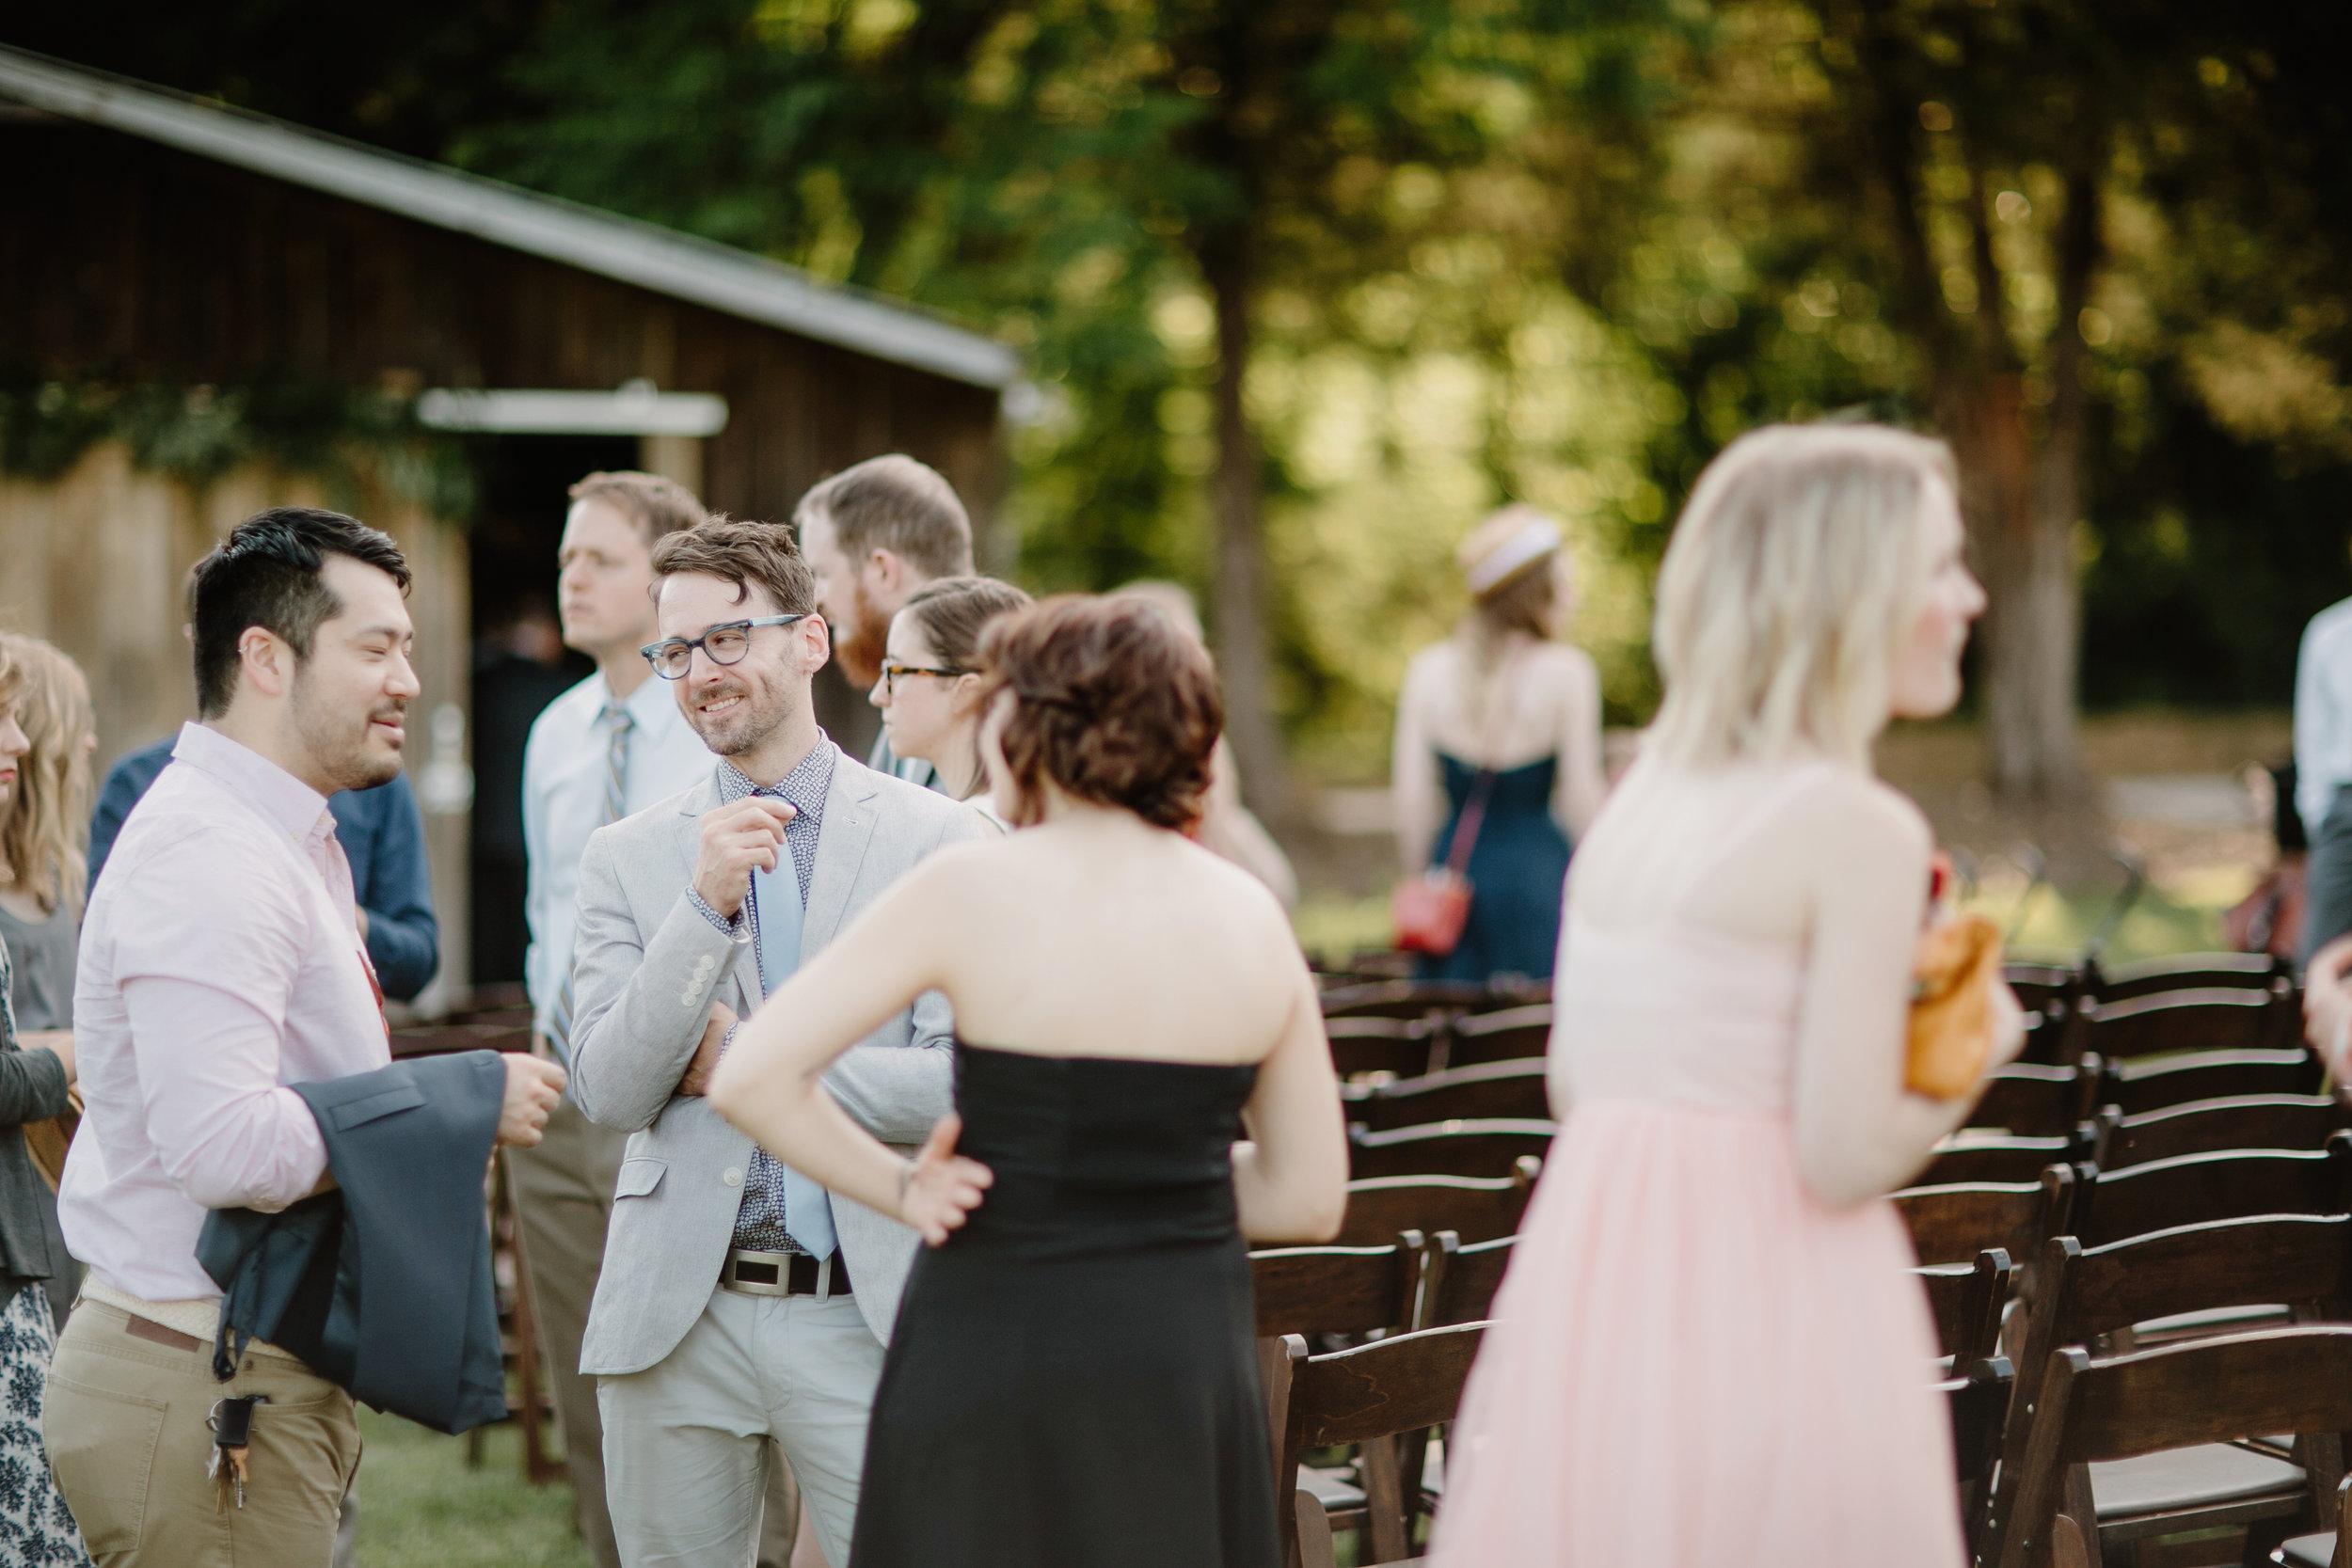 stewart_wedding_0599.JPG